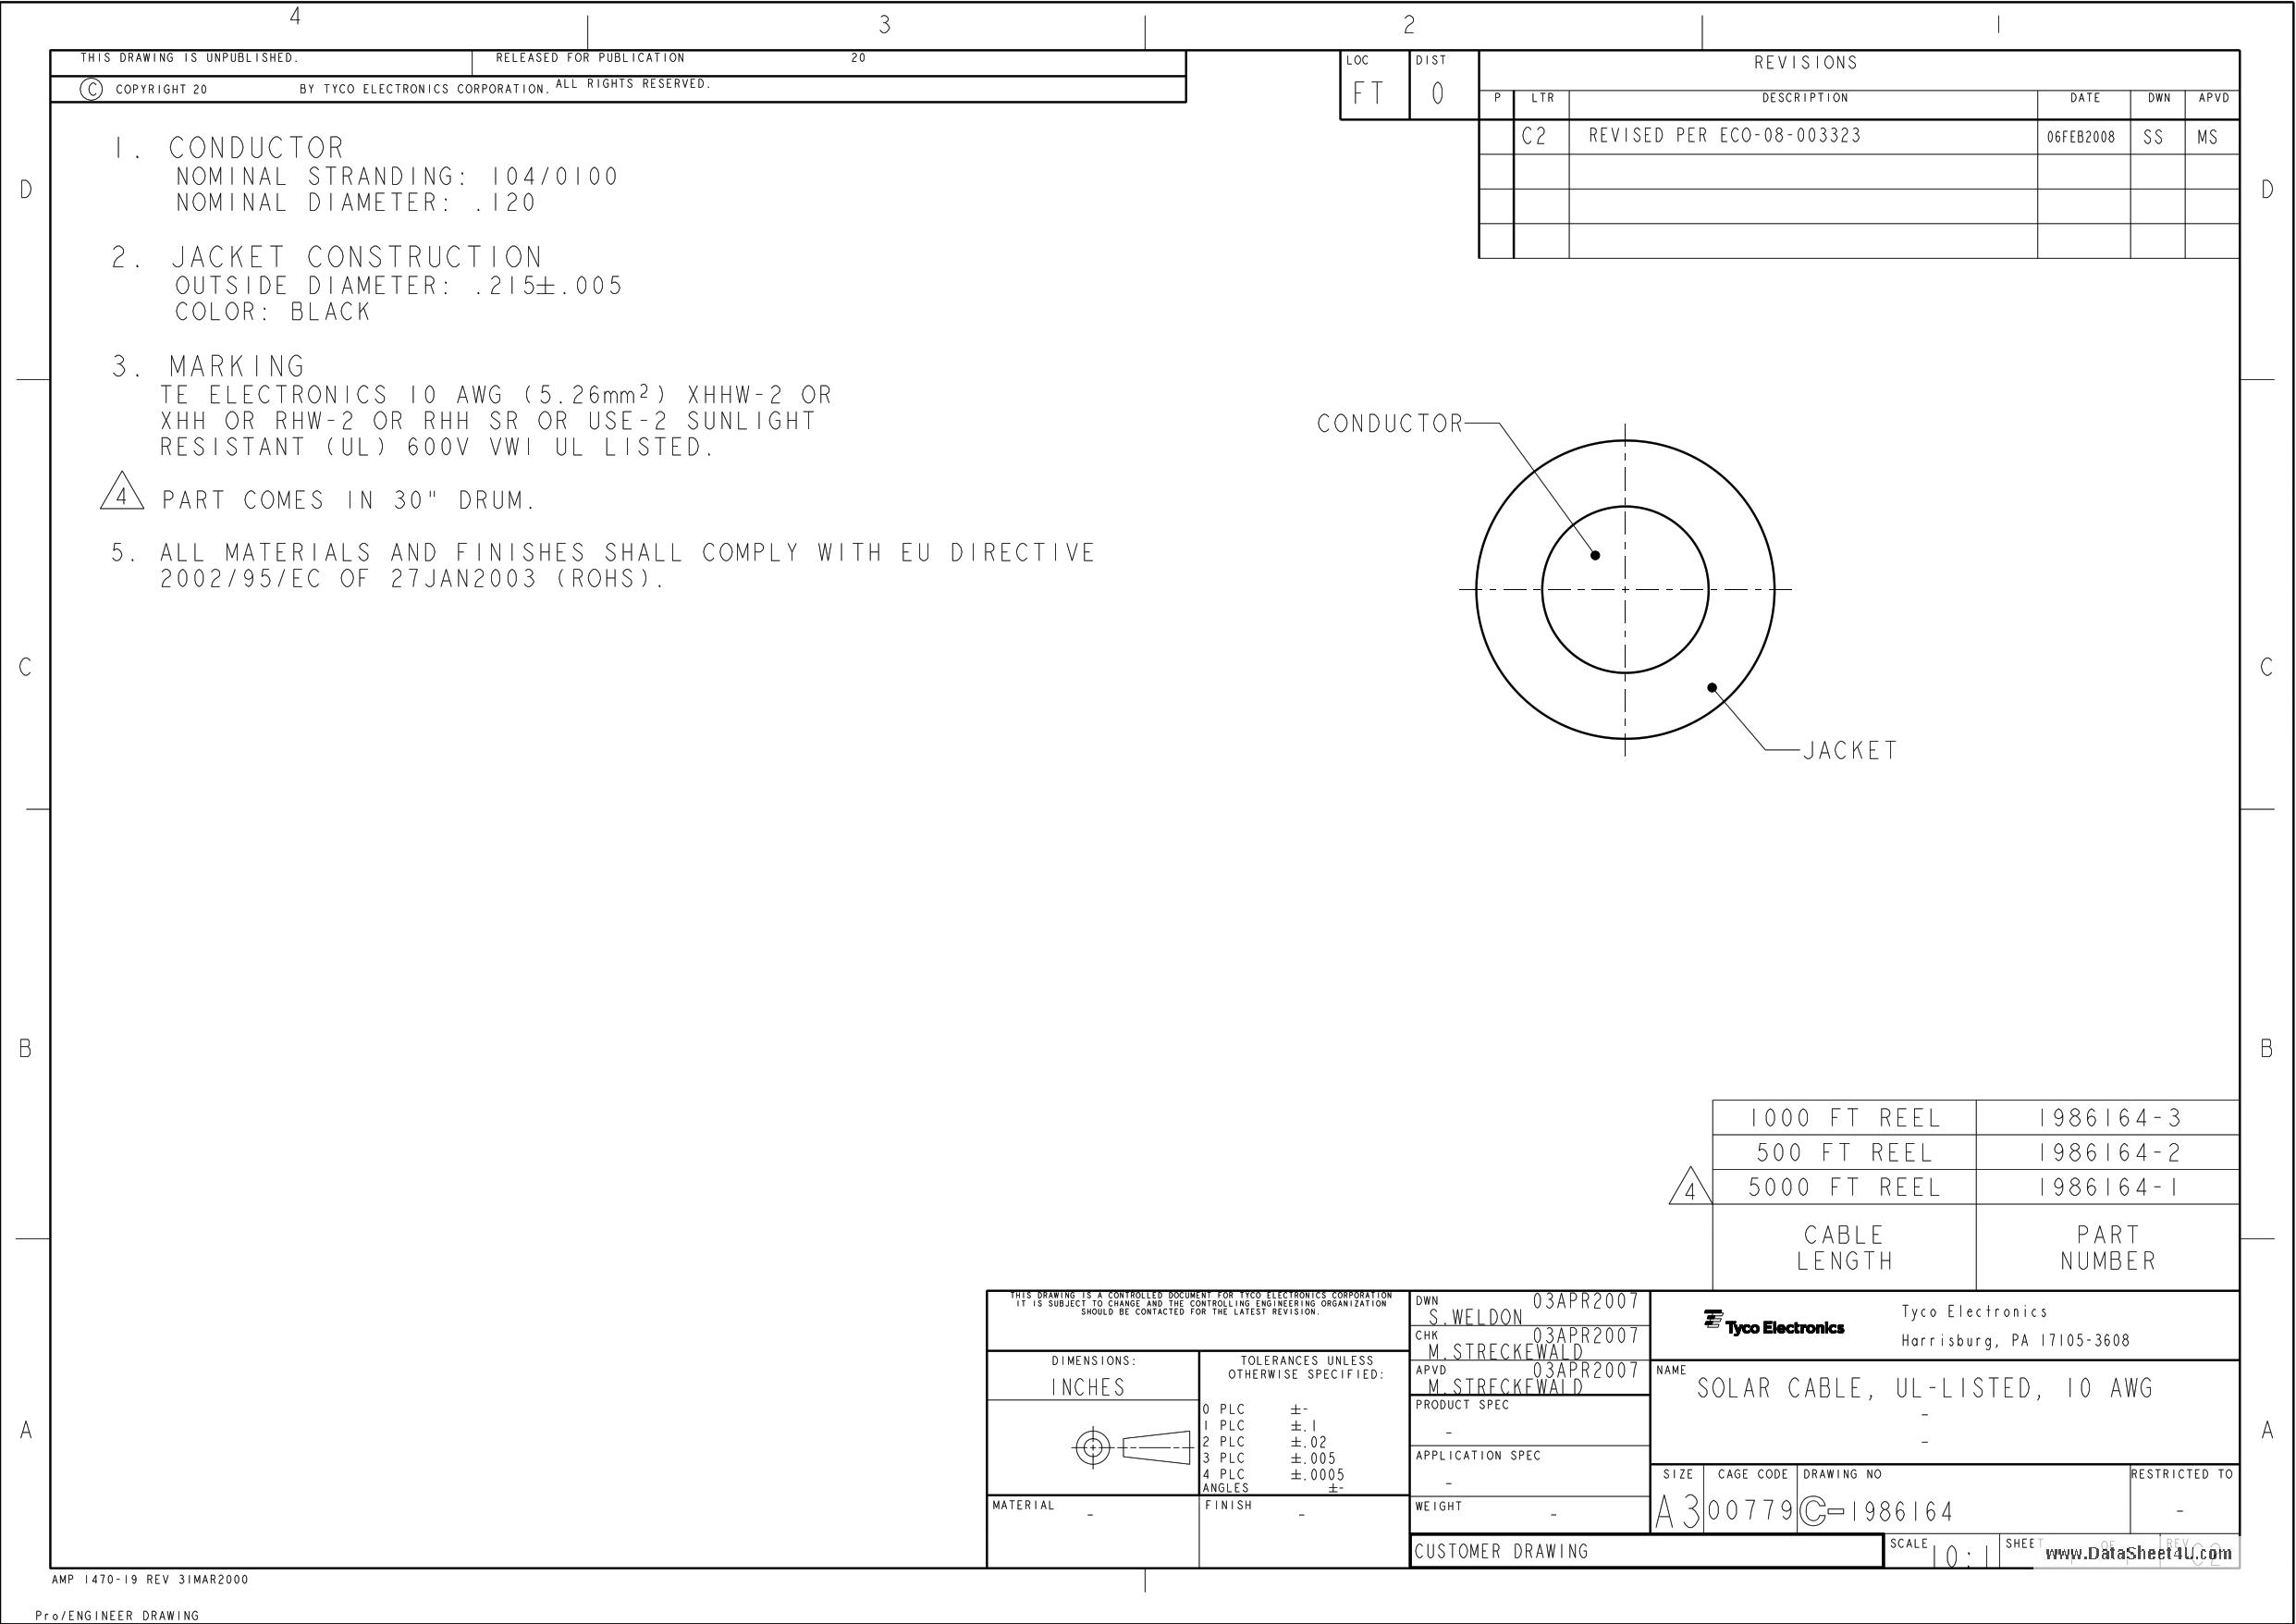 C-1986164 datasheet